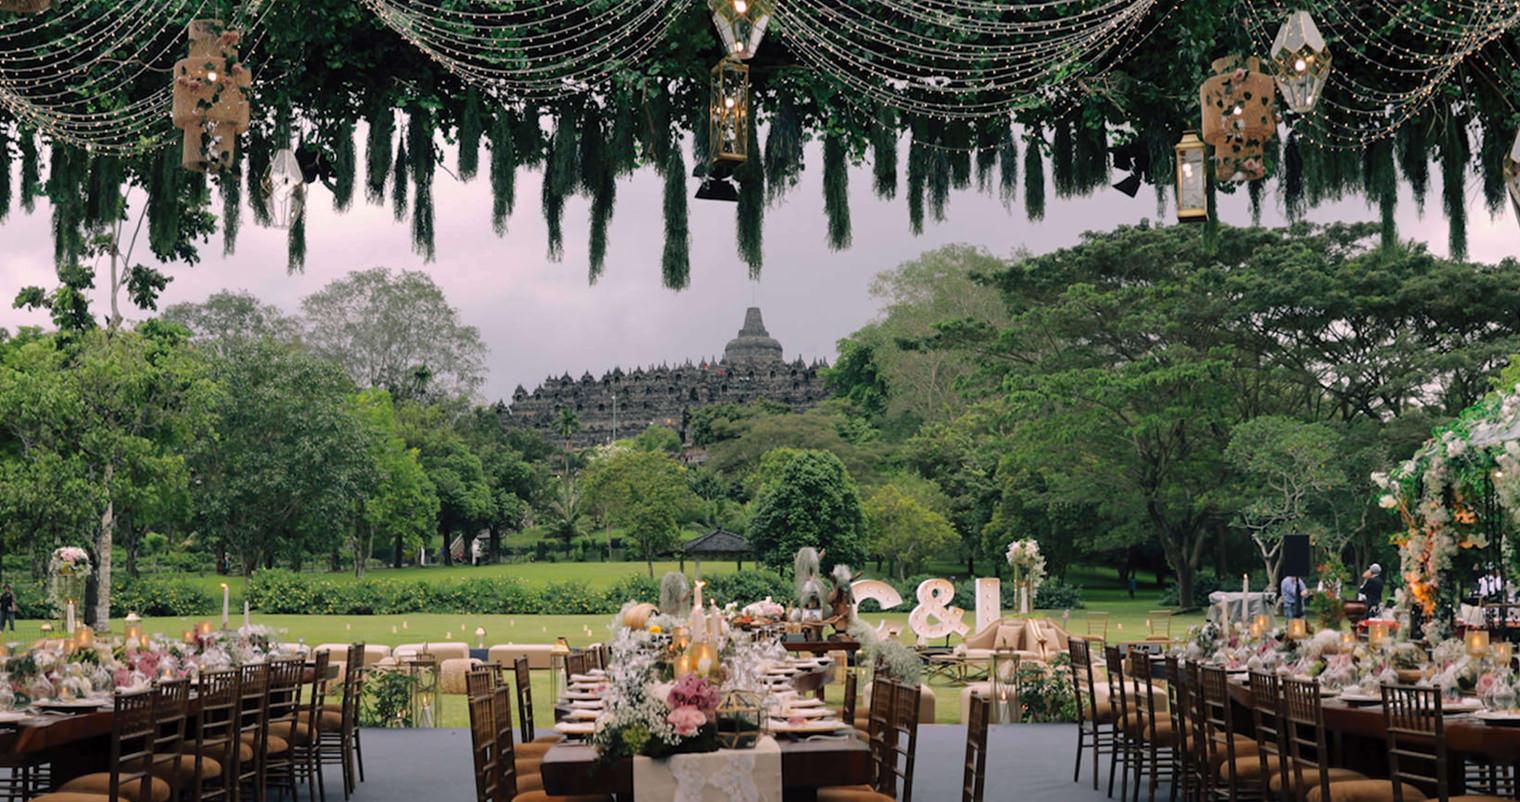 Borobudur Indonesia Wedding Reception Full Room Shot